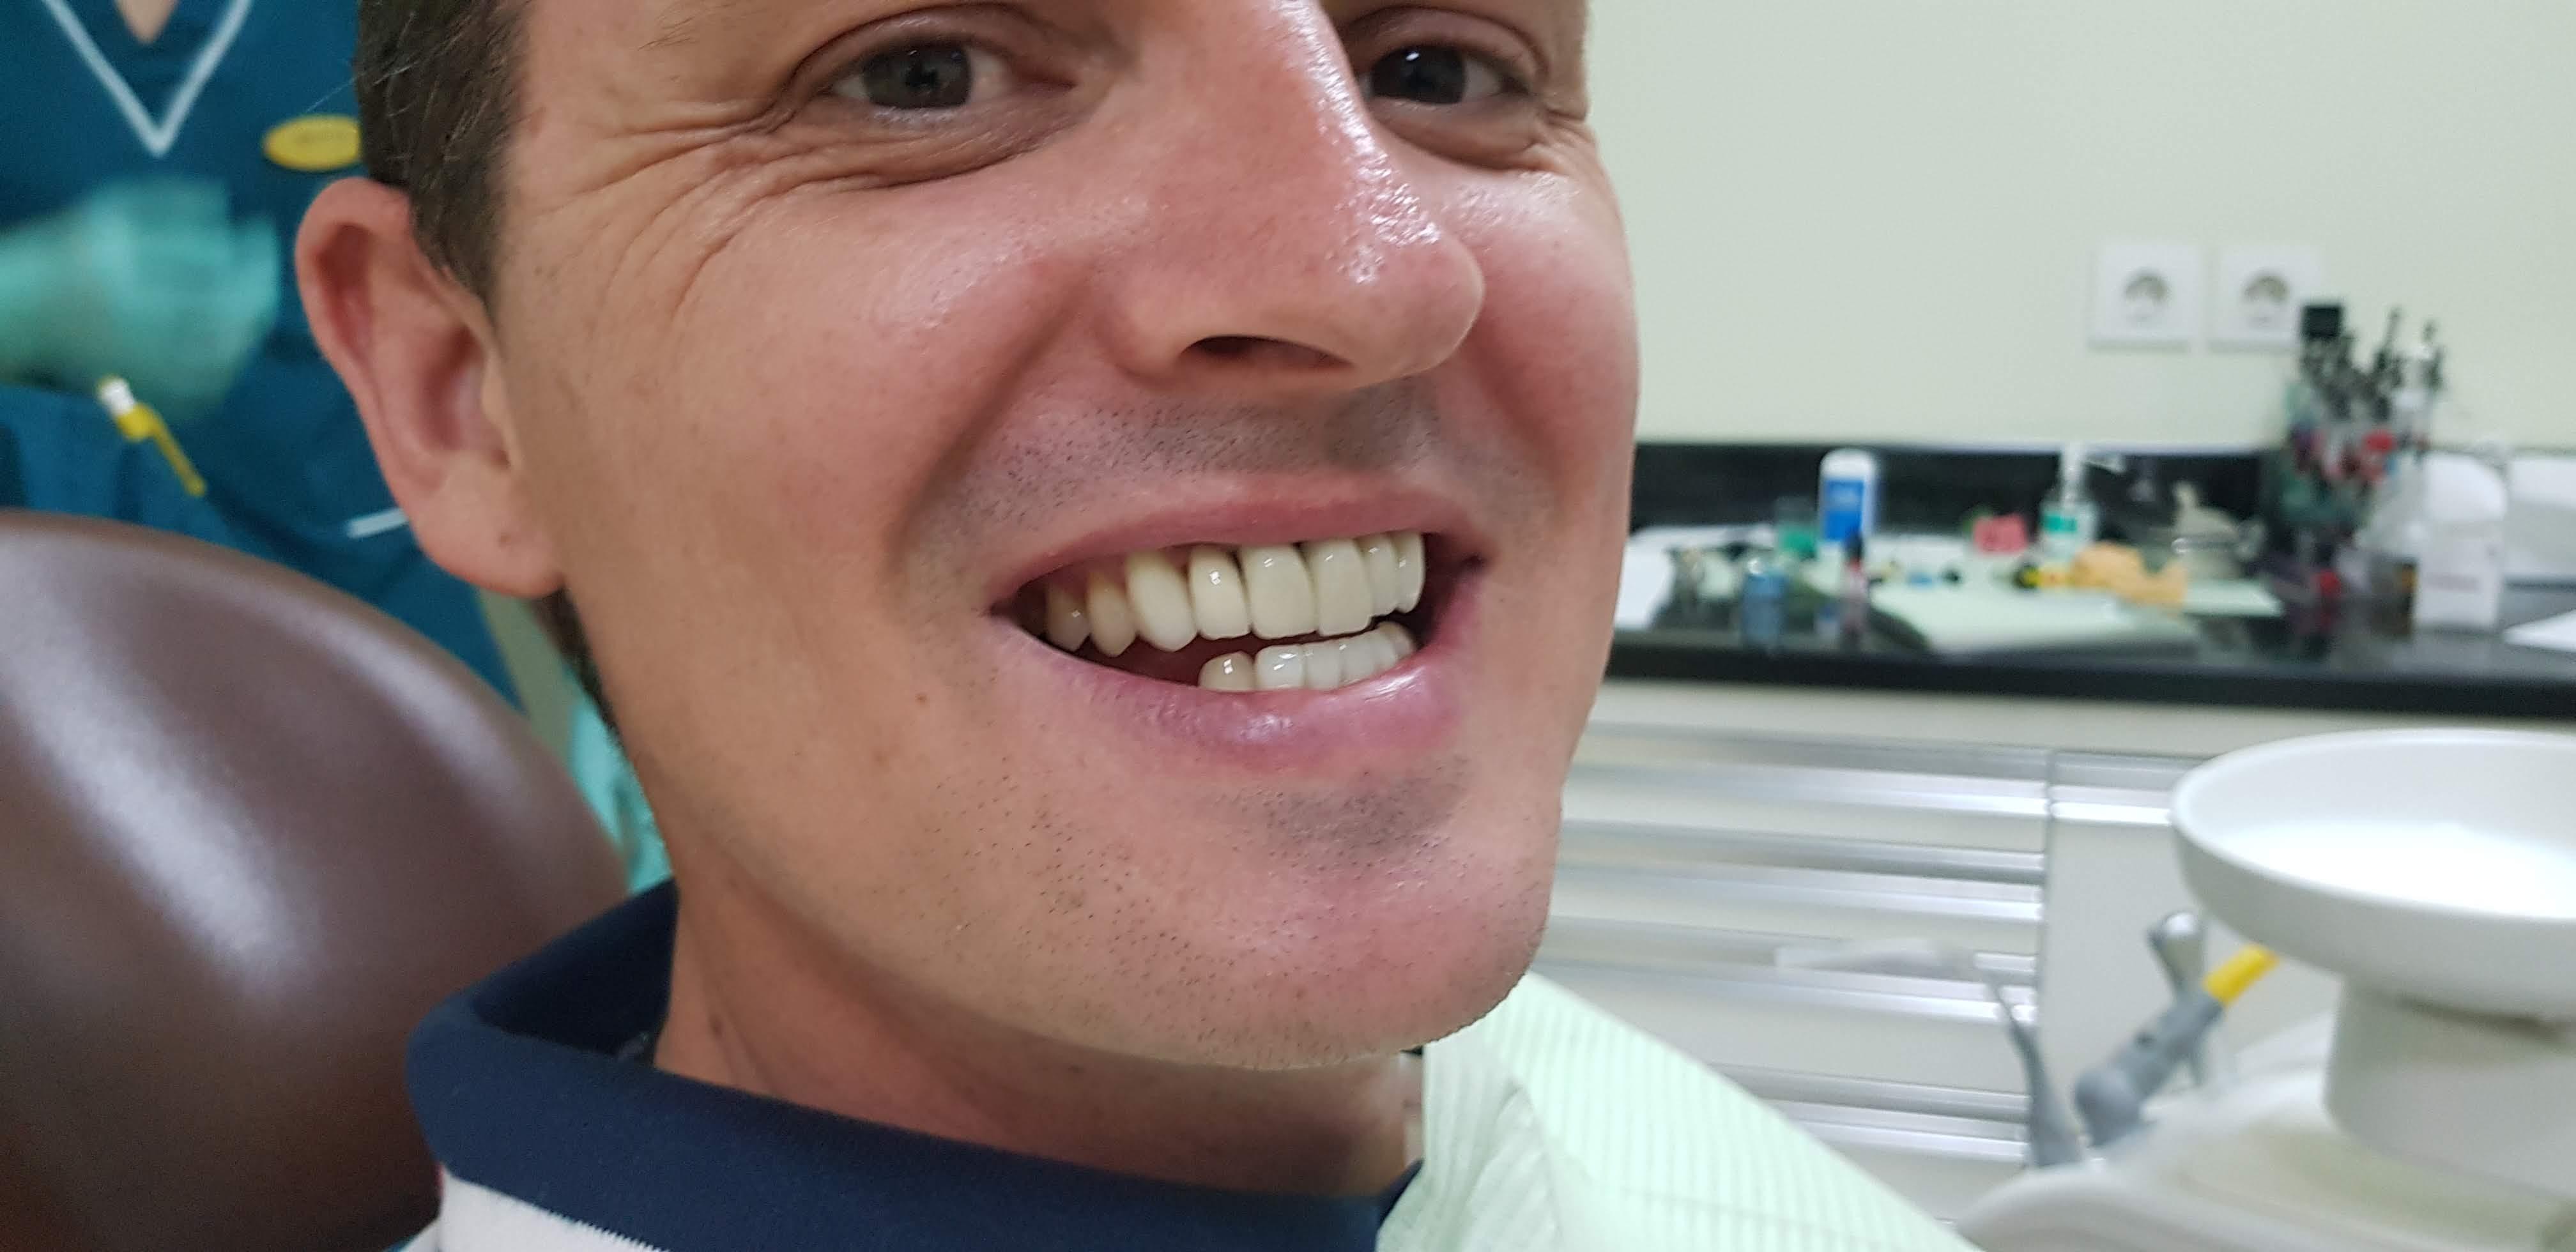 dental work veneers crowns teeth bali video before after